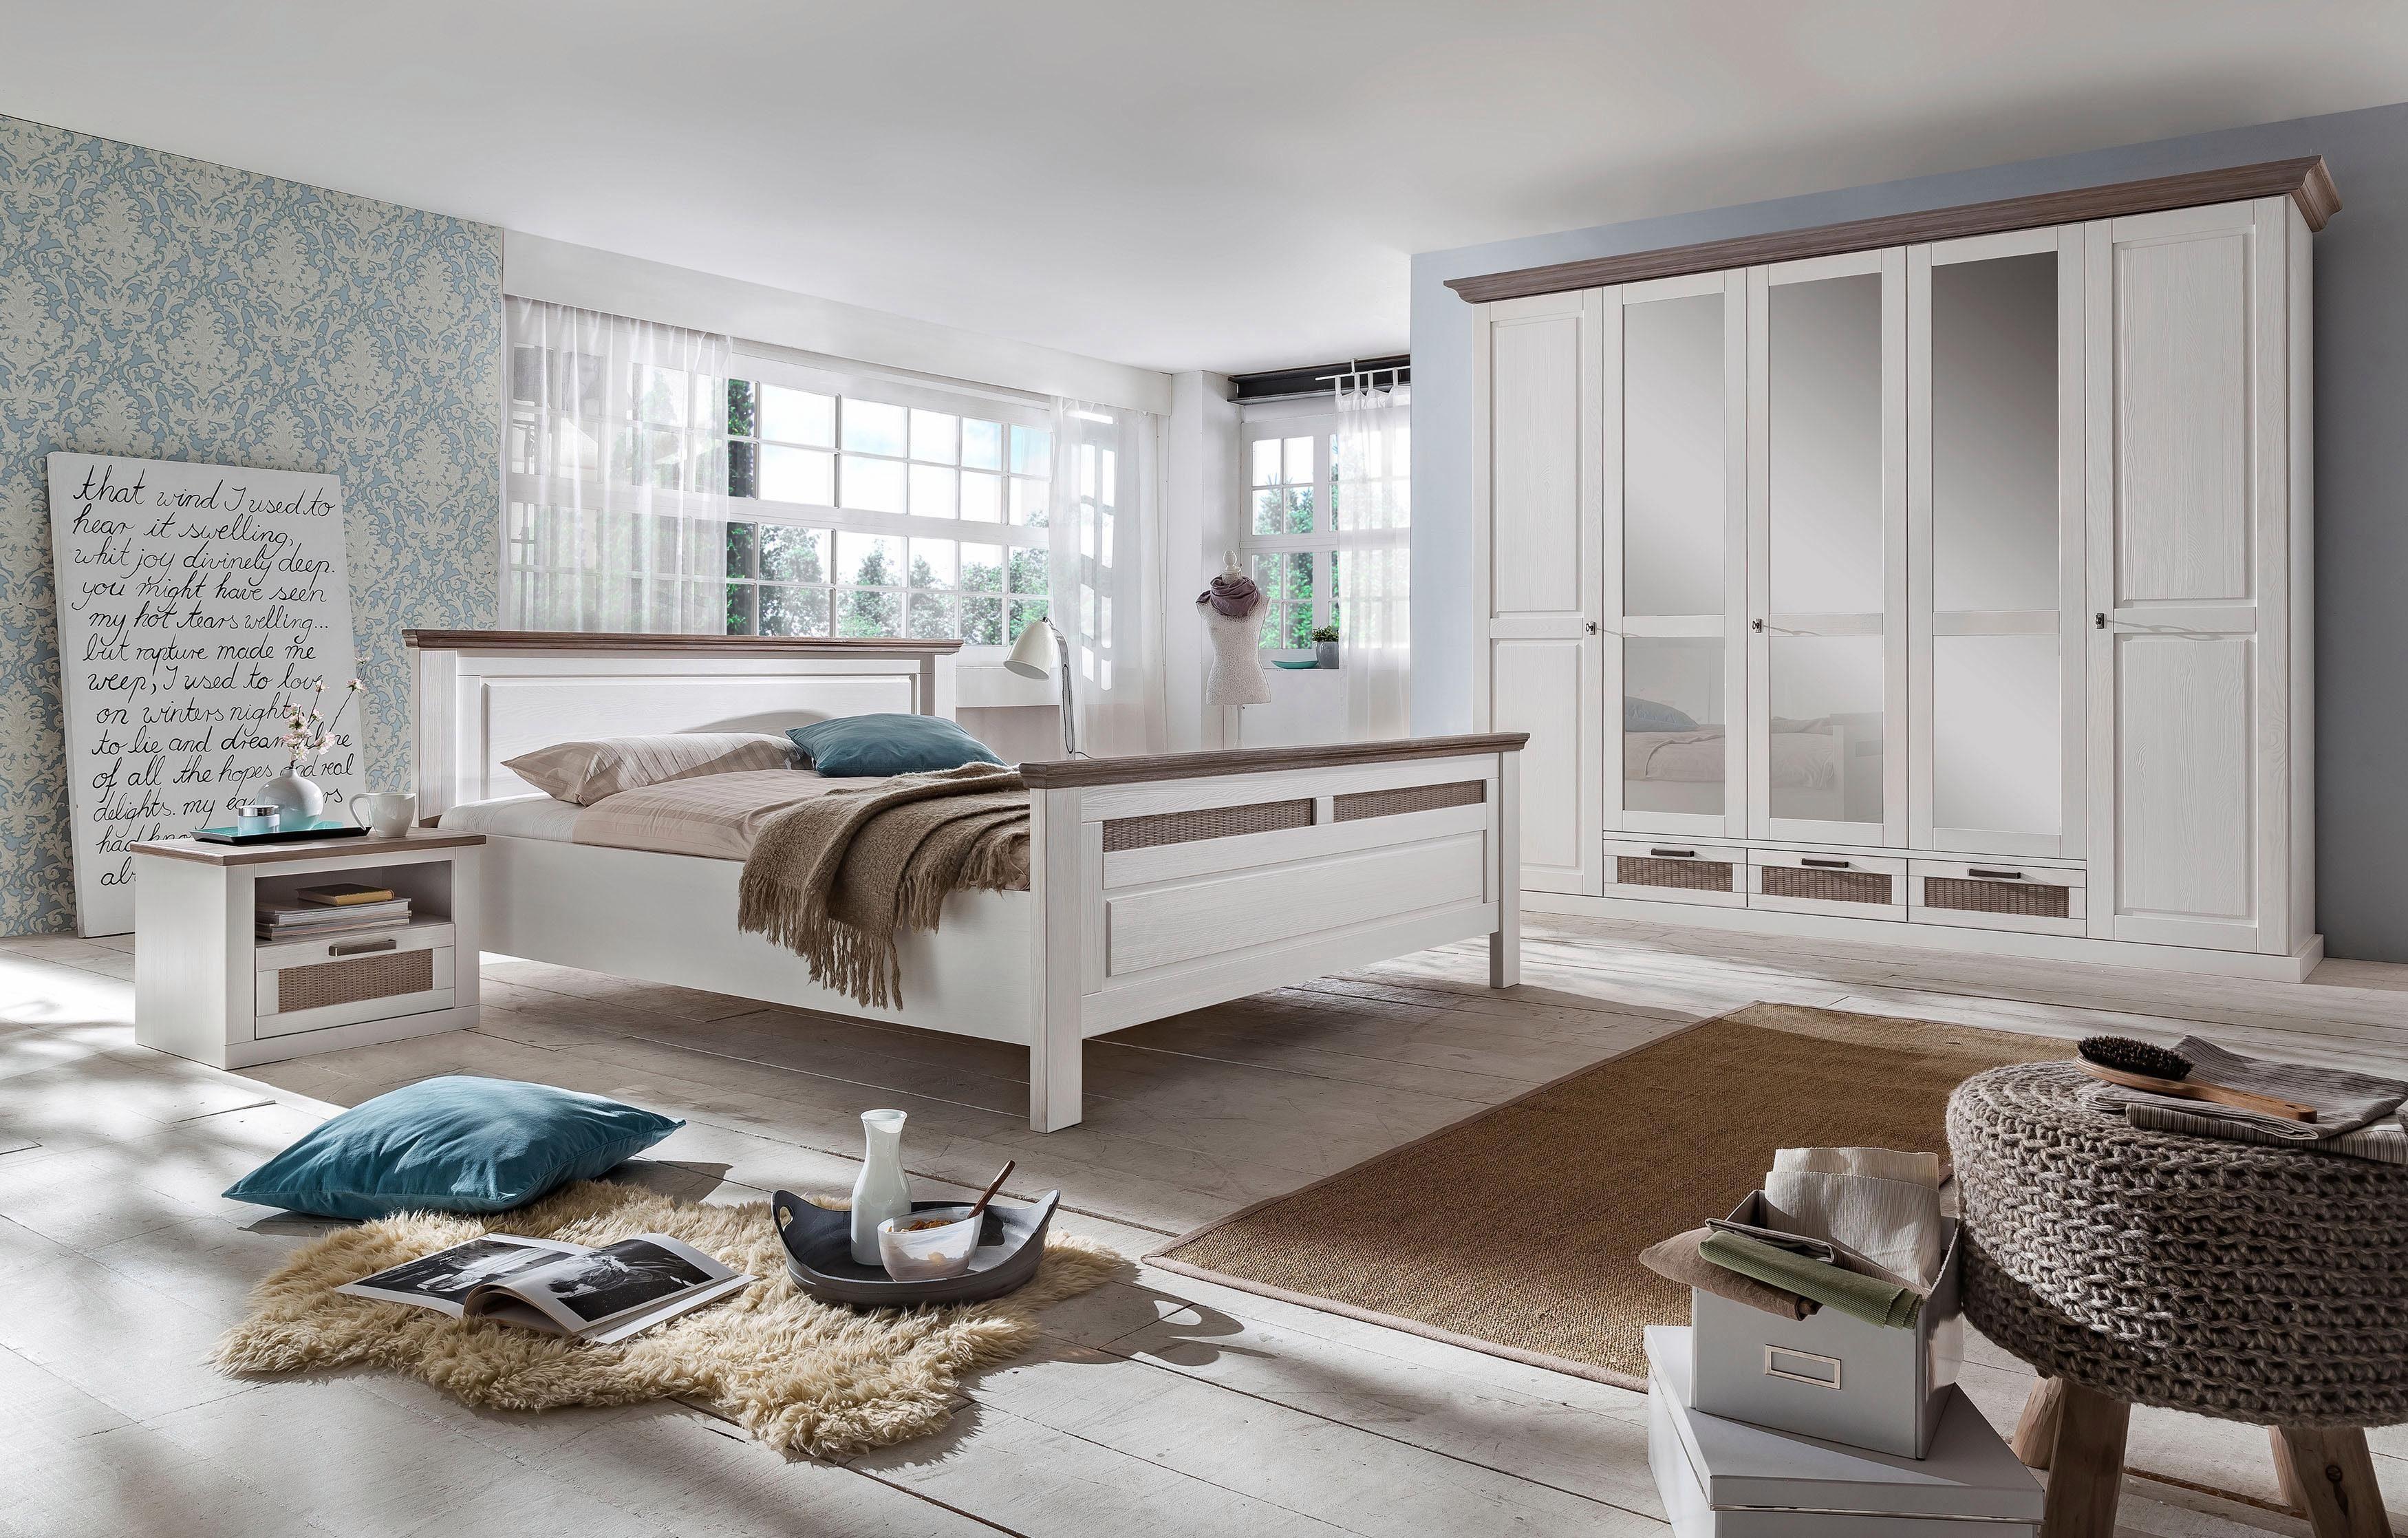 Home affaire 4-teiliges Schlafzimmer-Set »Lugano«, 5-trg Schrank, Bett 180/200 cm, 2 Nachttische